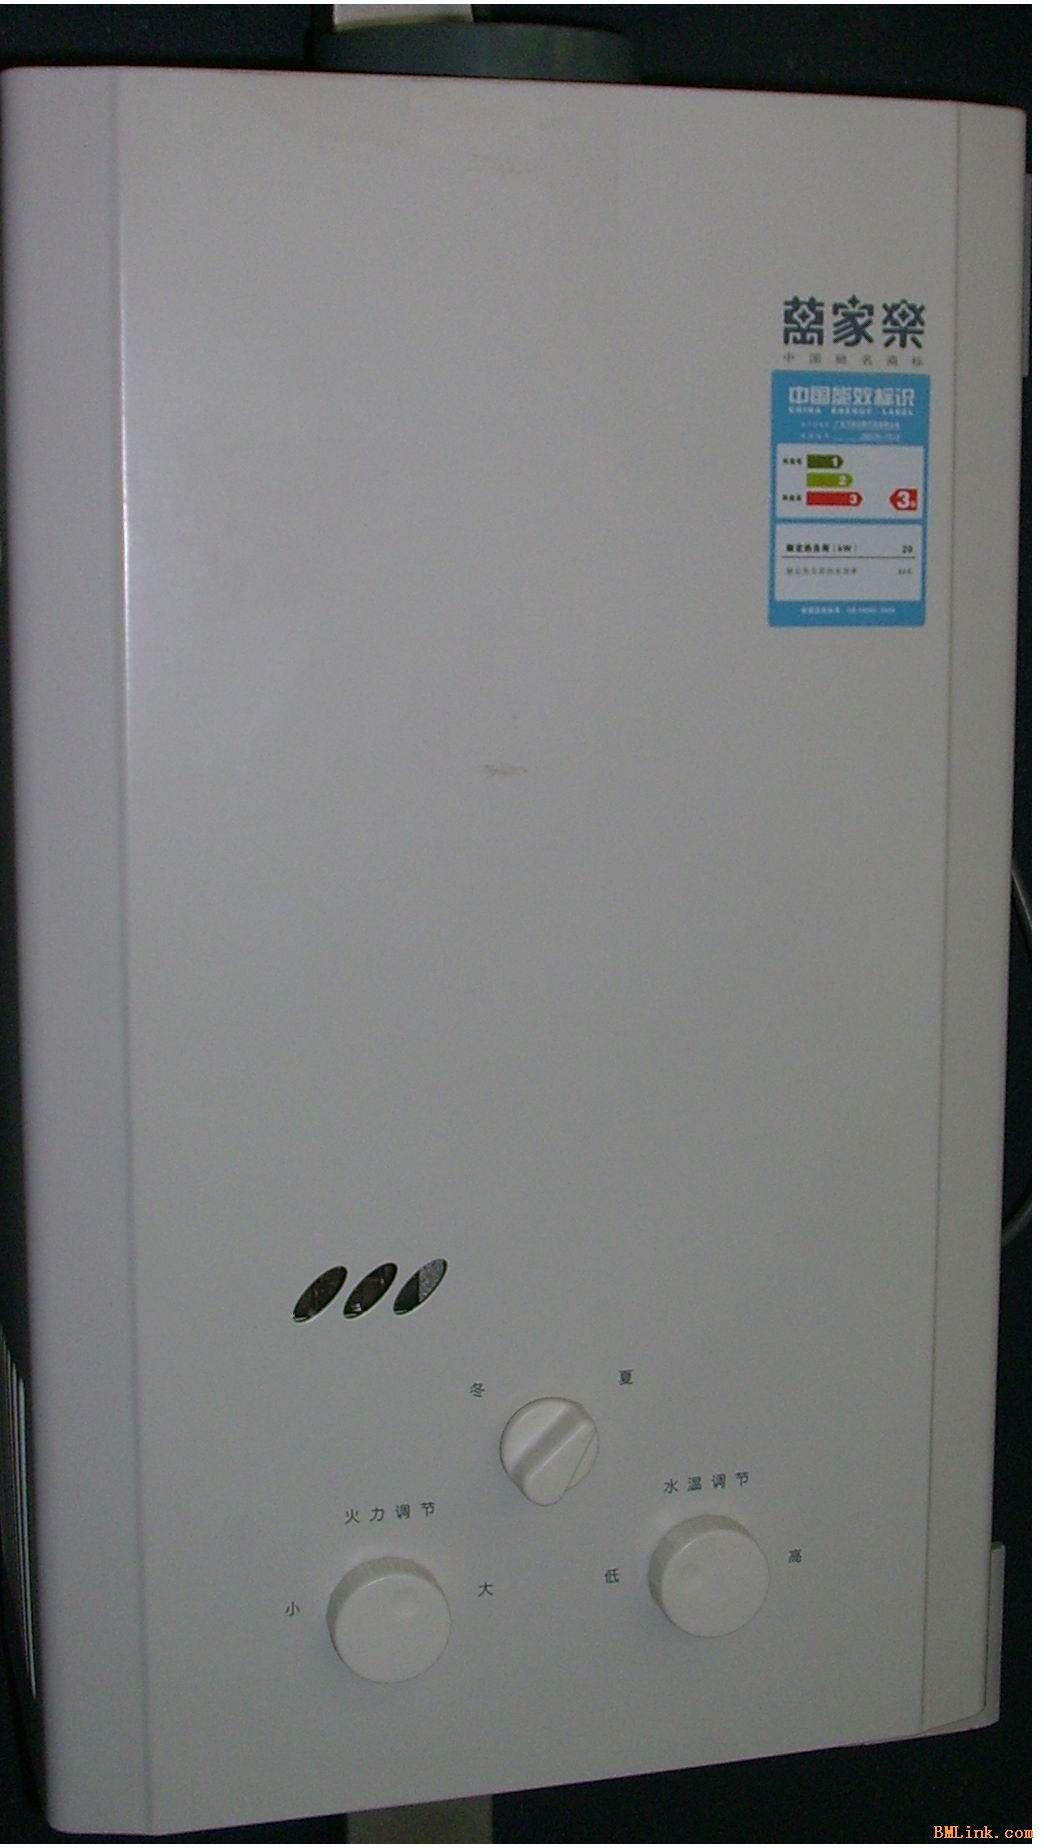 > 供应烟道式燃气热水器jsd20-10j3